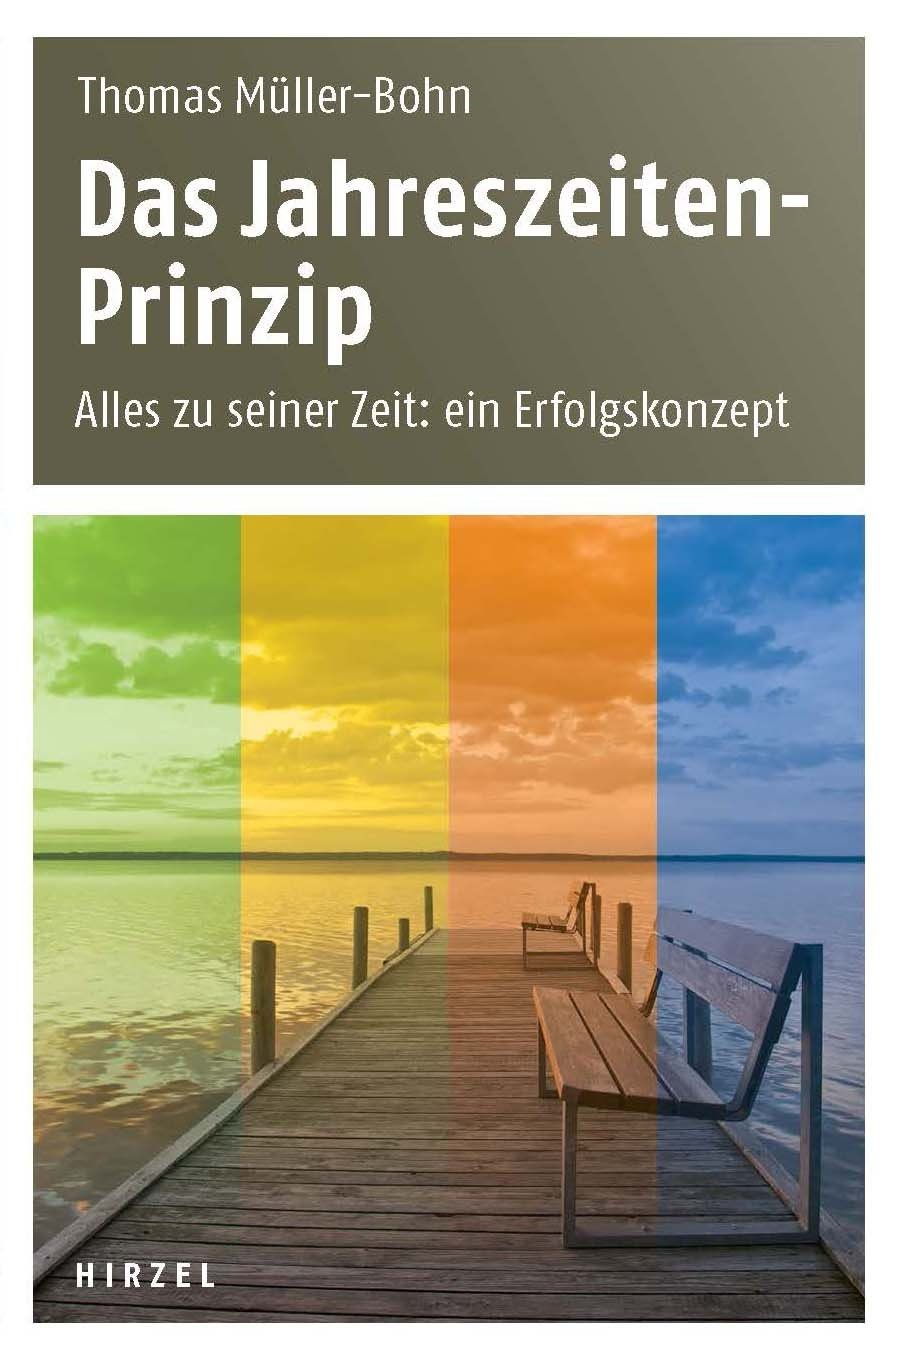 Das Jahreszeiten-Prinzip | Müller-Bohn, 2012 | Buch (Cover)